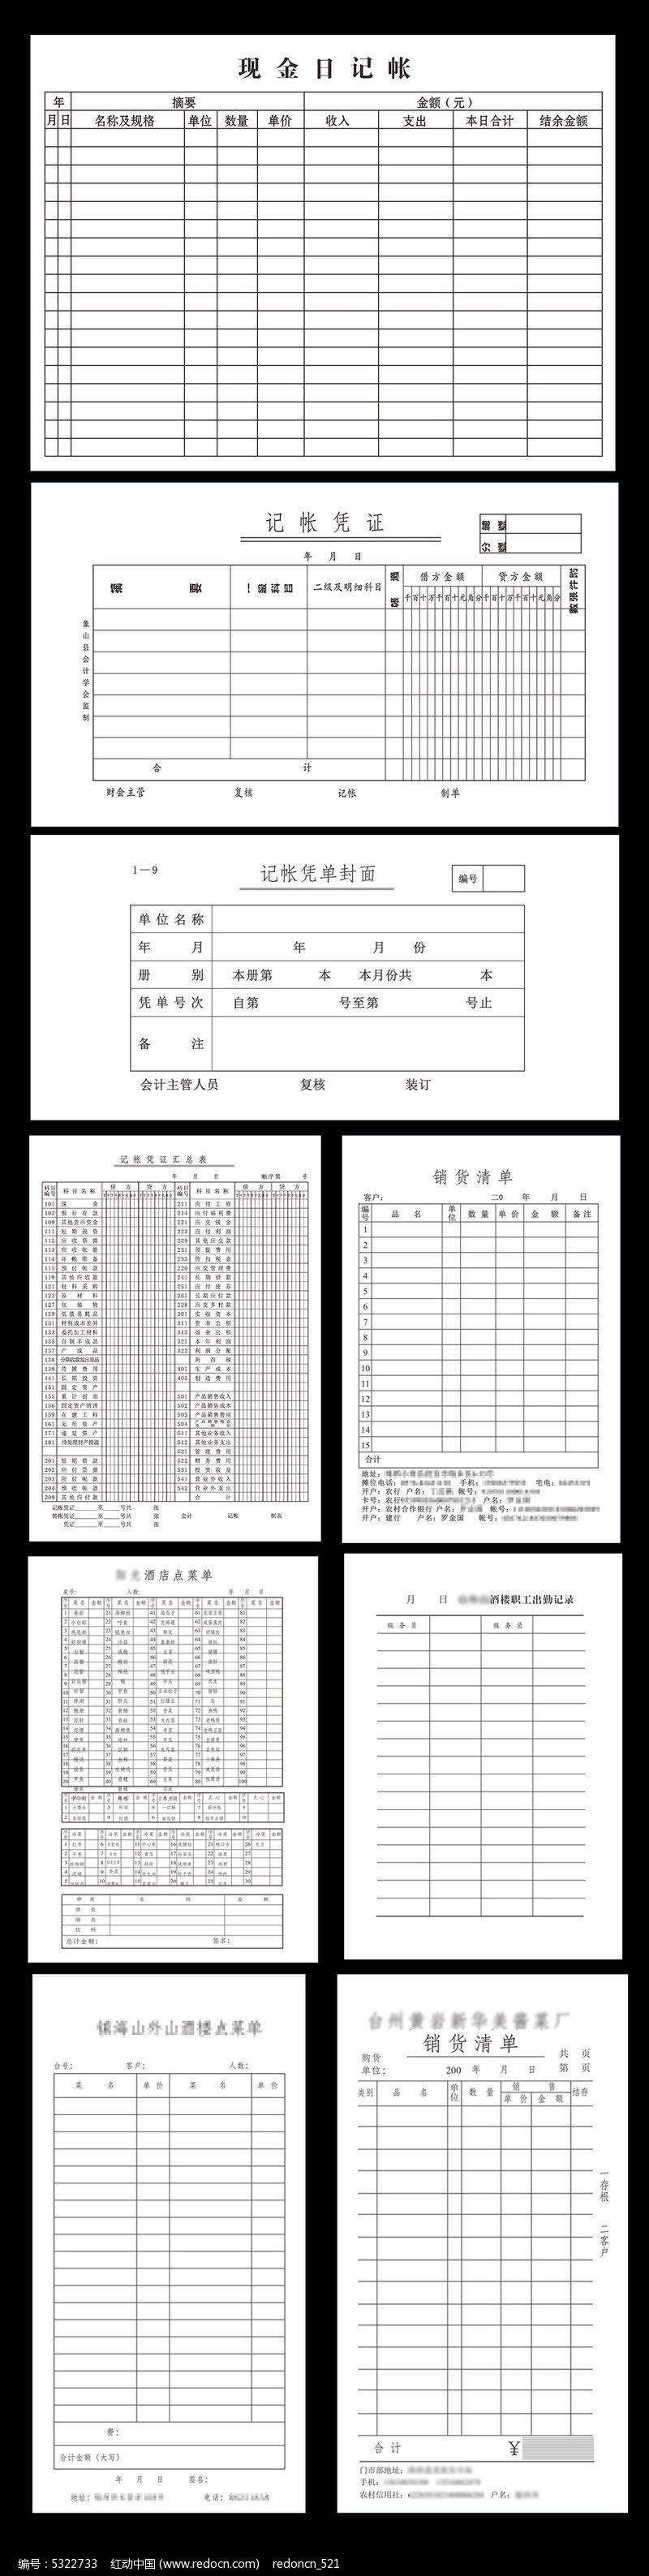 现金日记帐模板